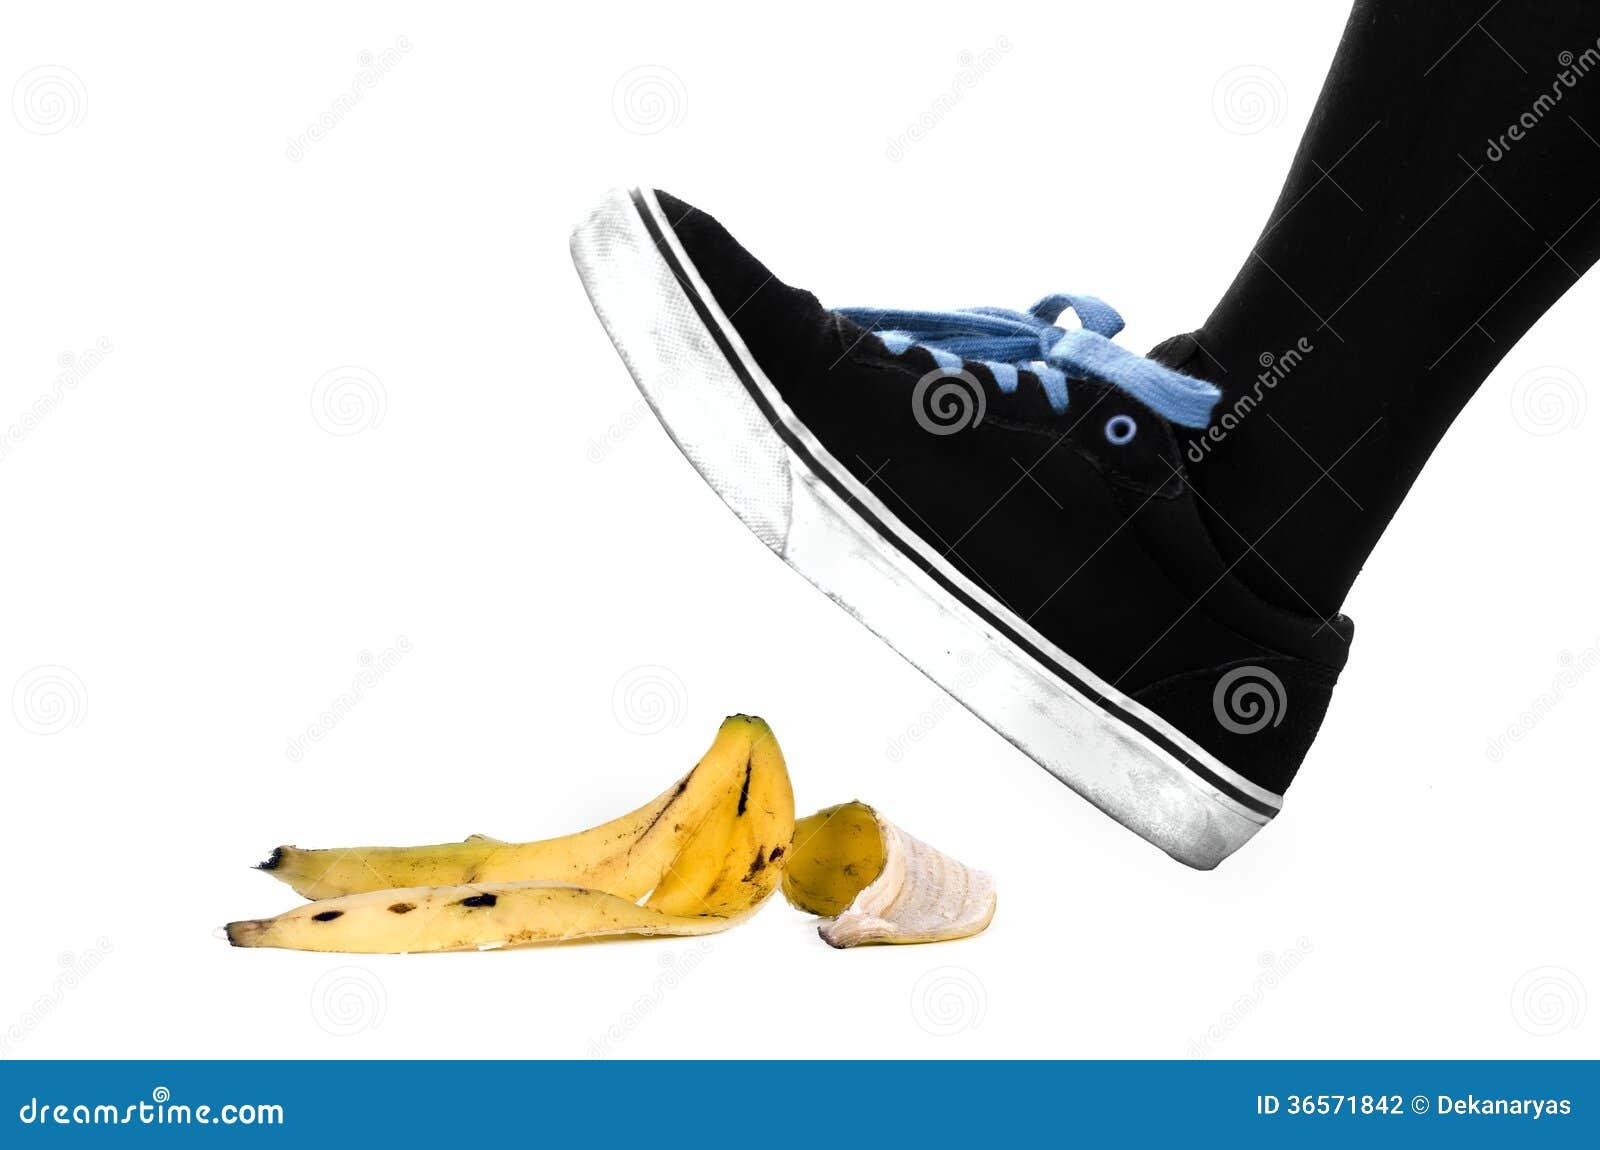 Pied Chaussure Environ Glisser Sur La Peau De Banane Photographie Stock Image 36571842